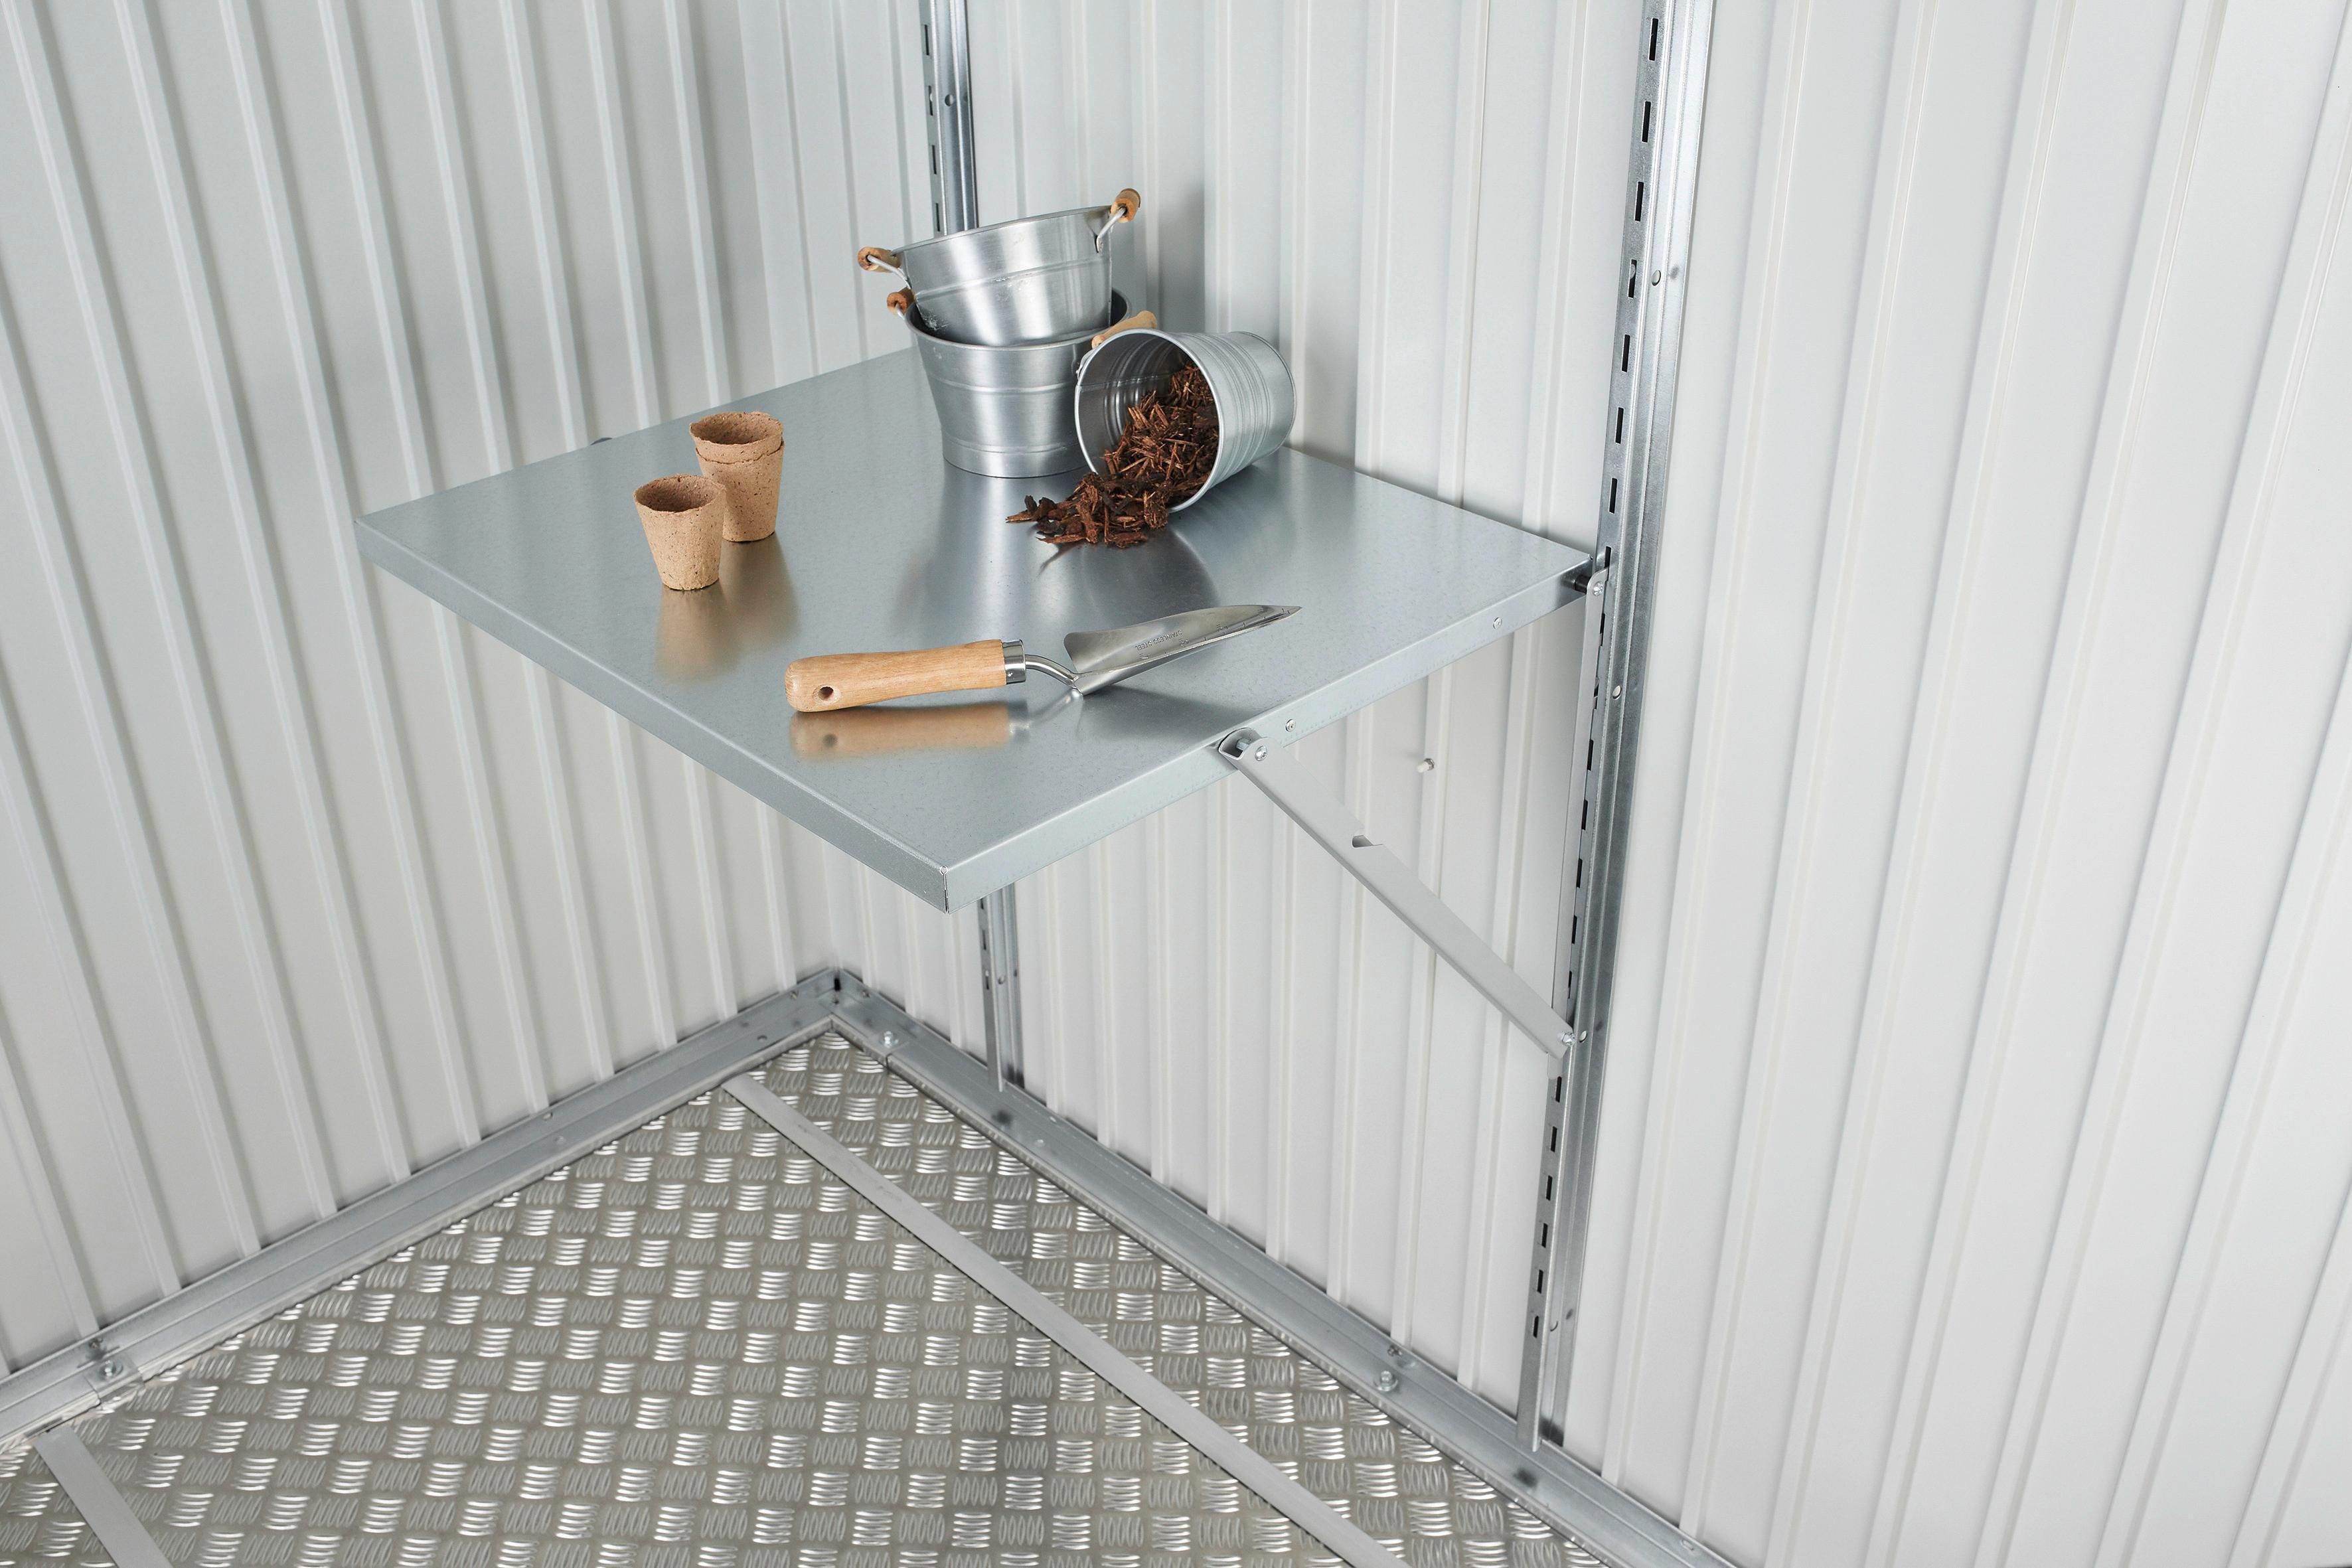 GERÄTESCHRANK-KLAPPTISCH - Silberfarben, Design, Metall (69/60cm)